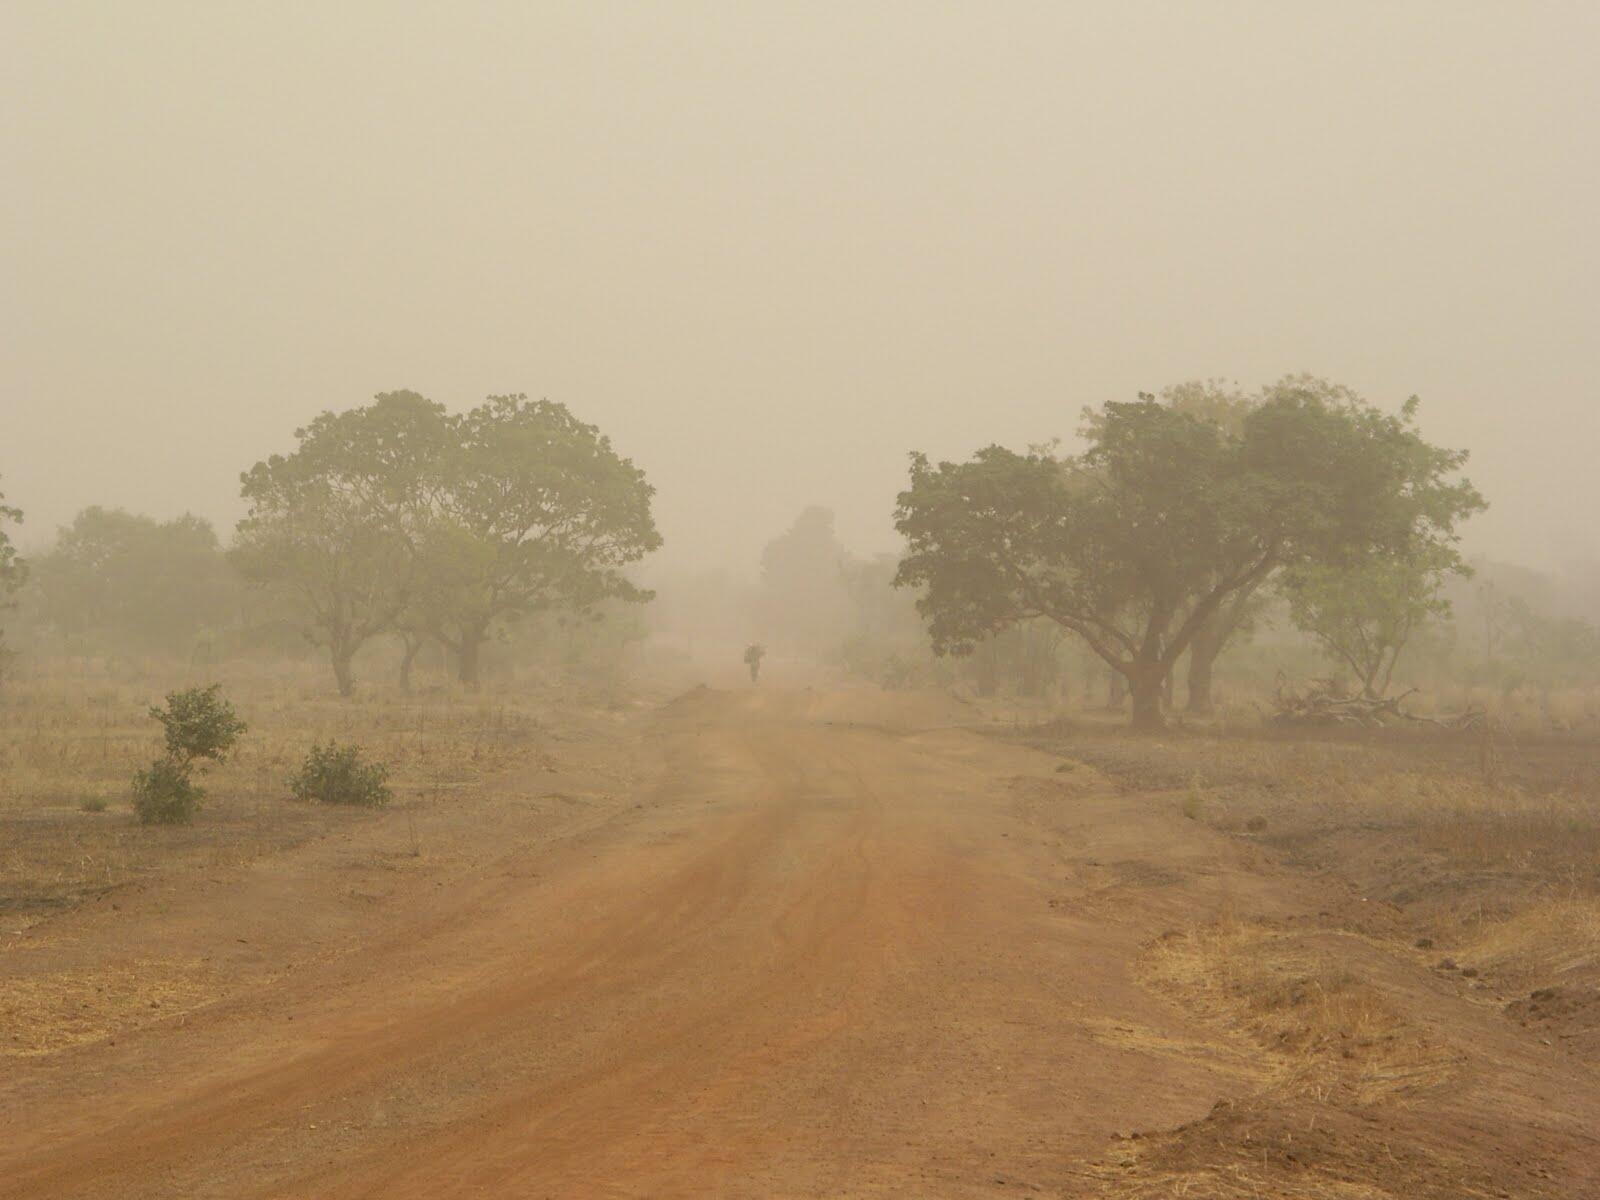 Yadda kura ke tashi a lokacin hunturu a kasashen Africa